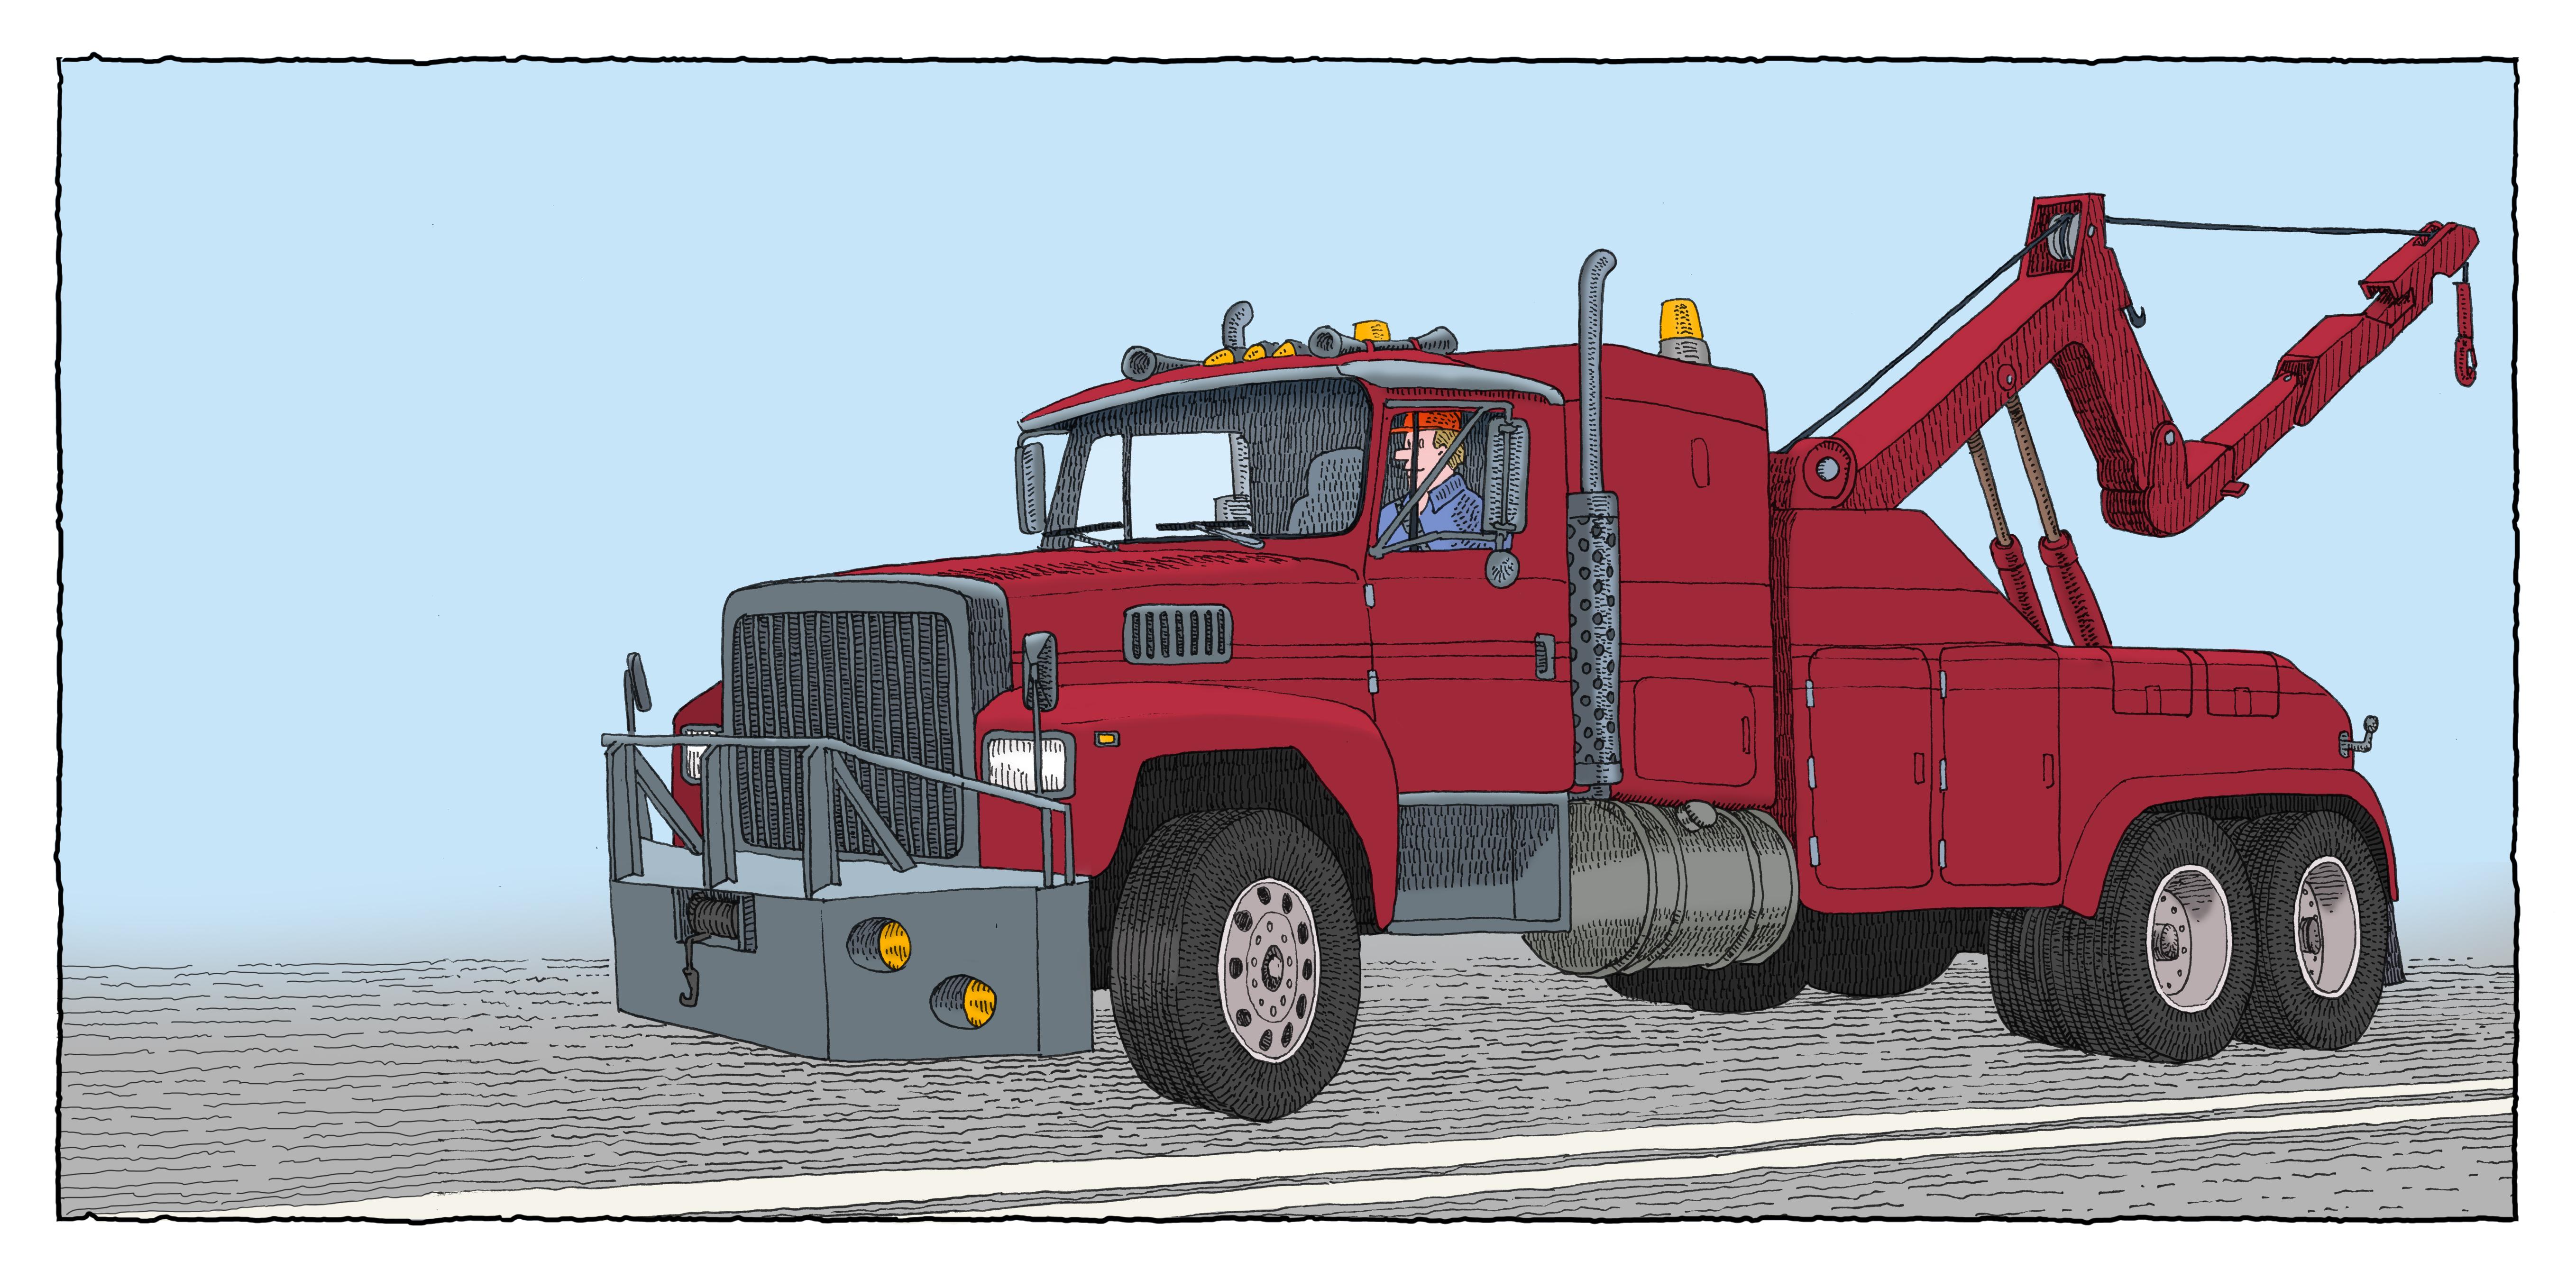 Wrecker-Truck